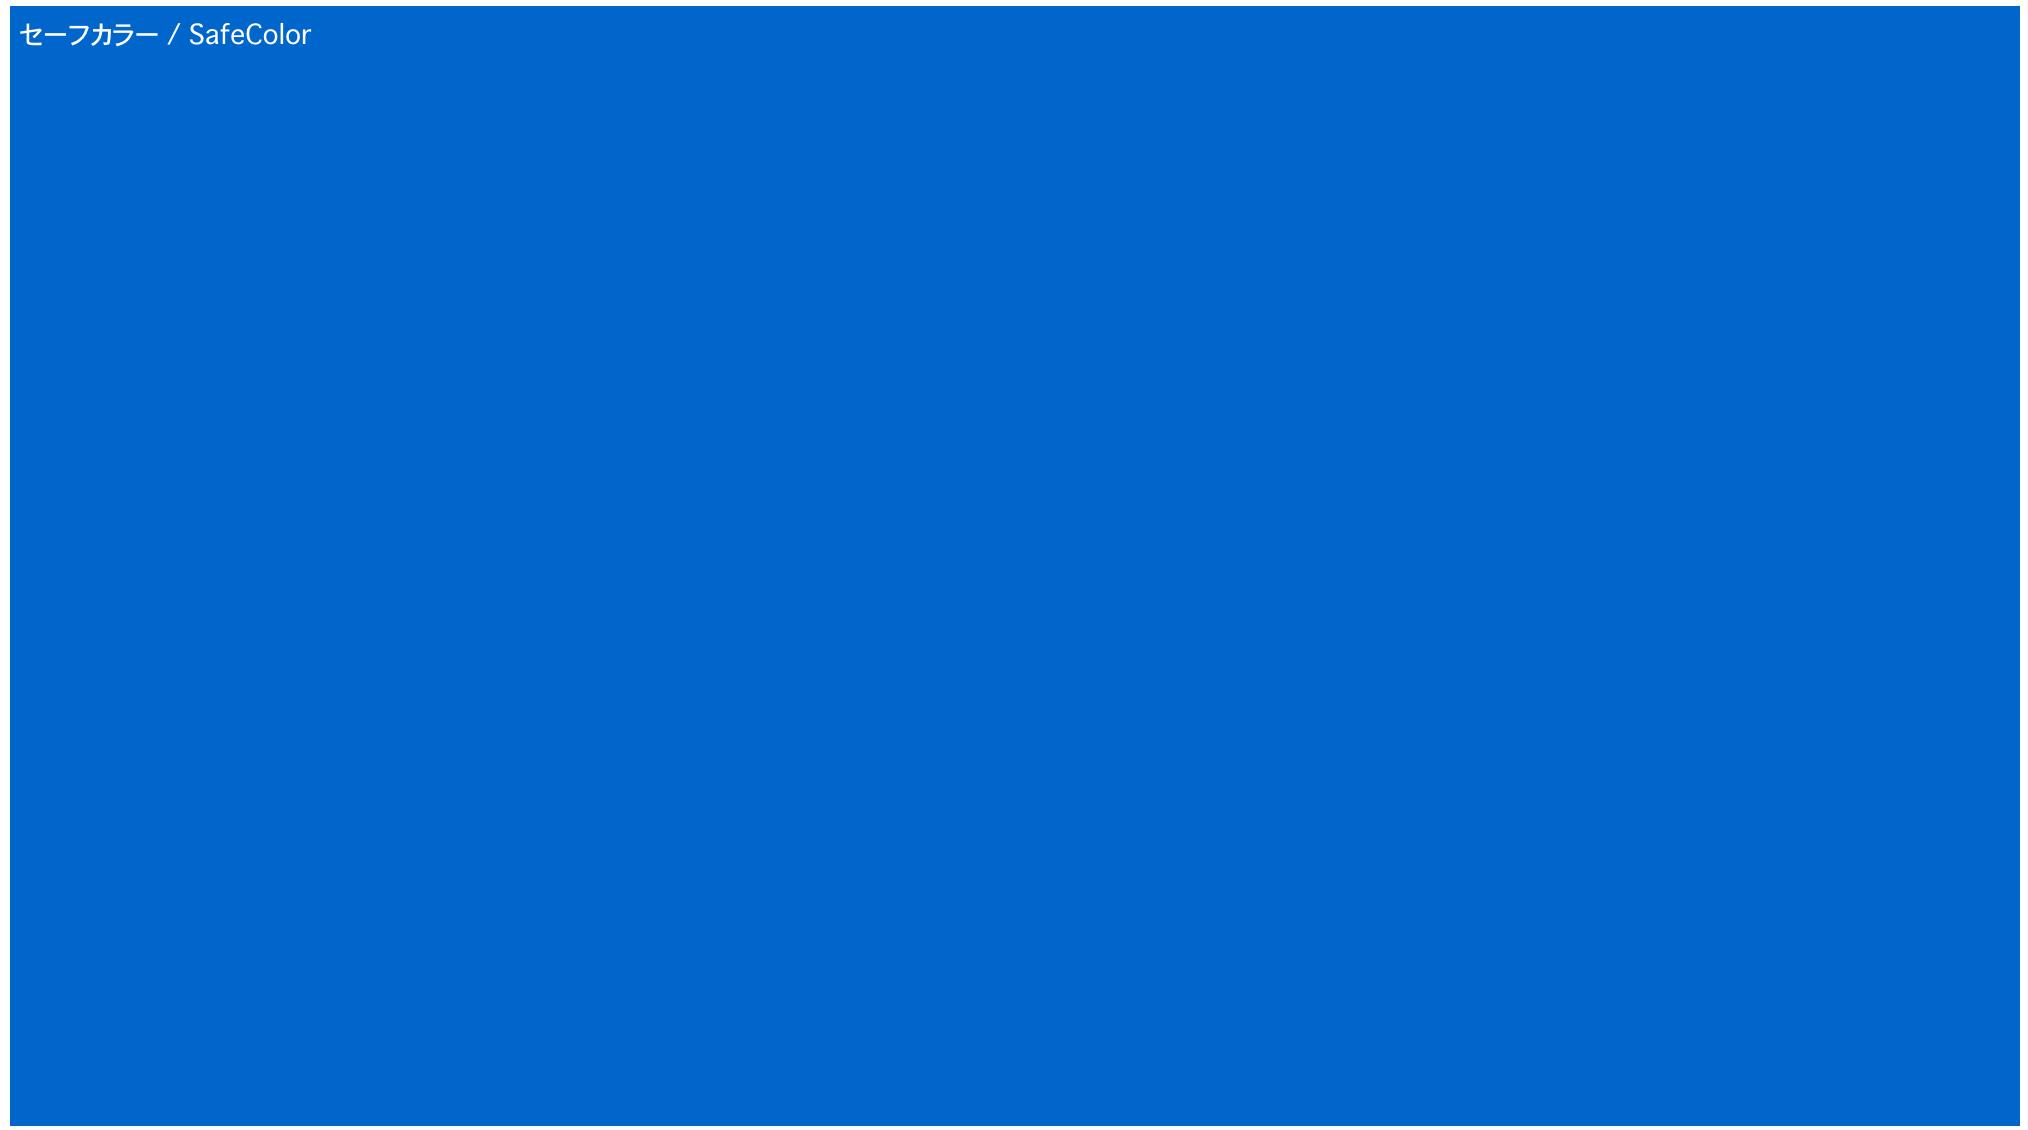 37d5793ade5e0bd29dcaf9b0accb19c1 - 配色パターン6選+α!おしゃれにするコツは?